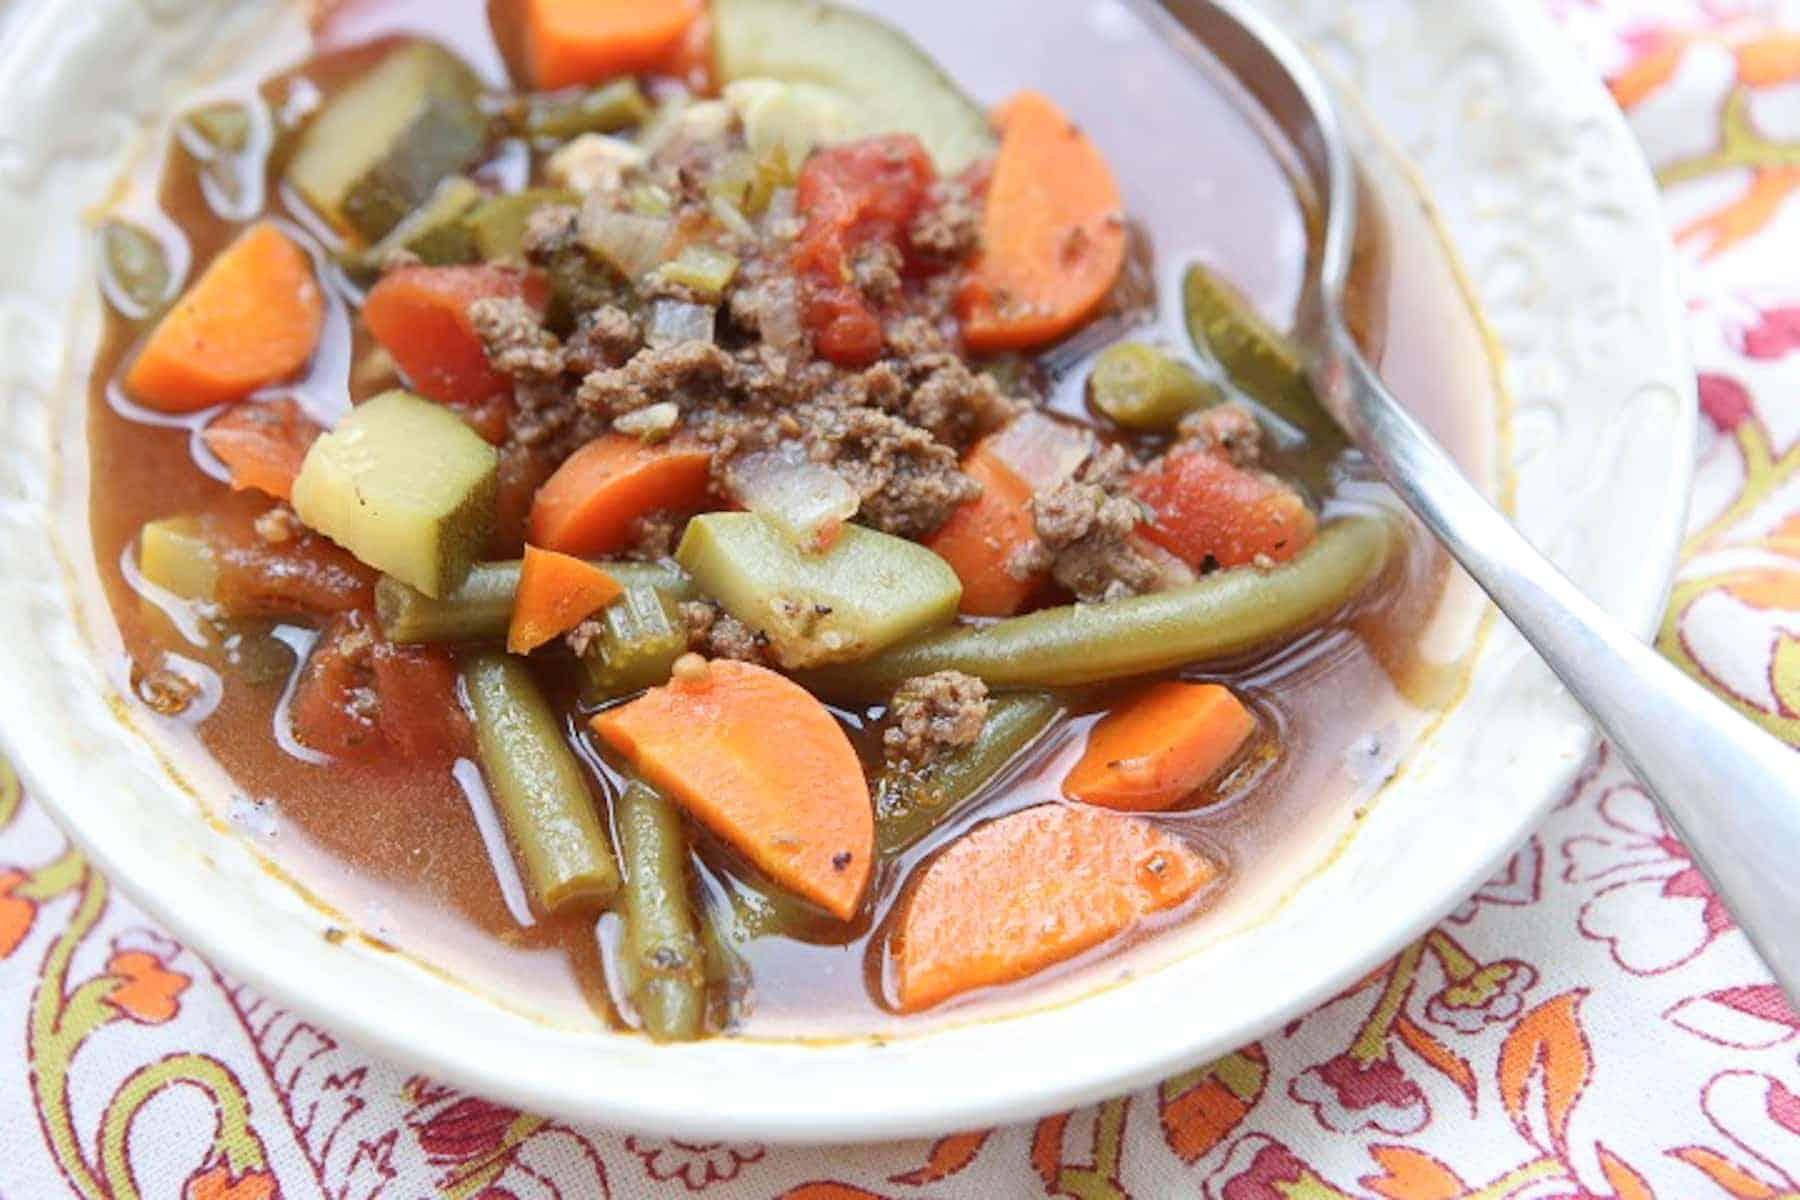 Italian Vegetable Beef Soup - Italian vegetable soup